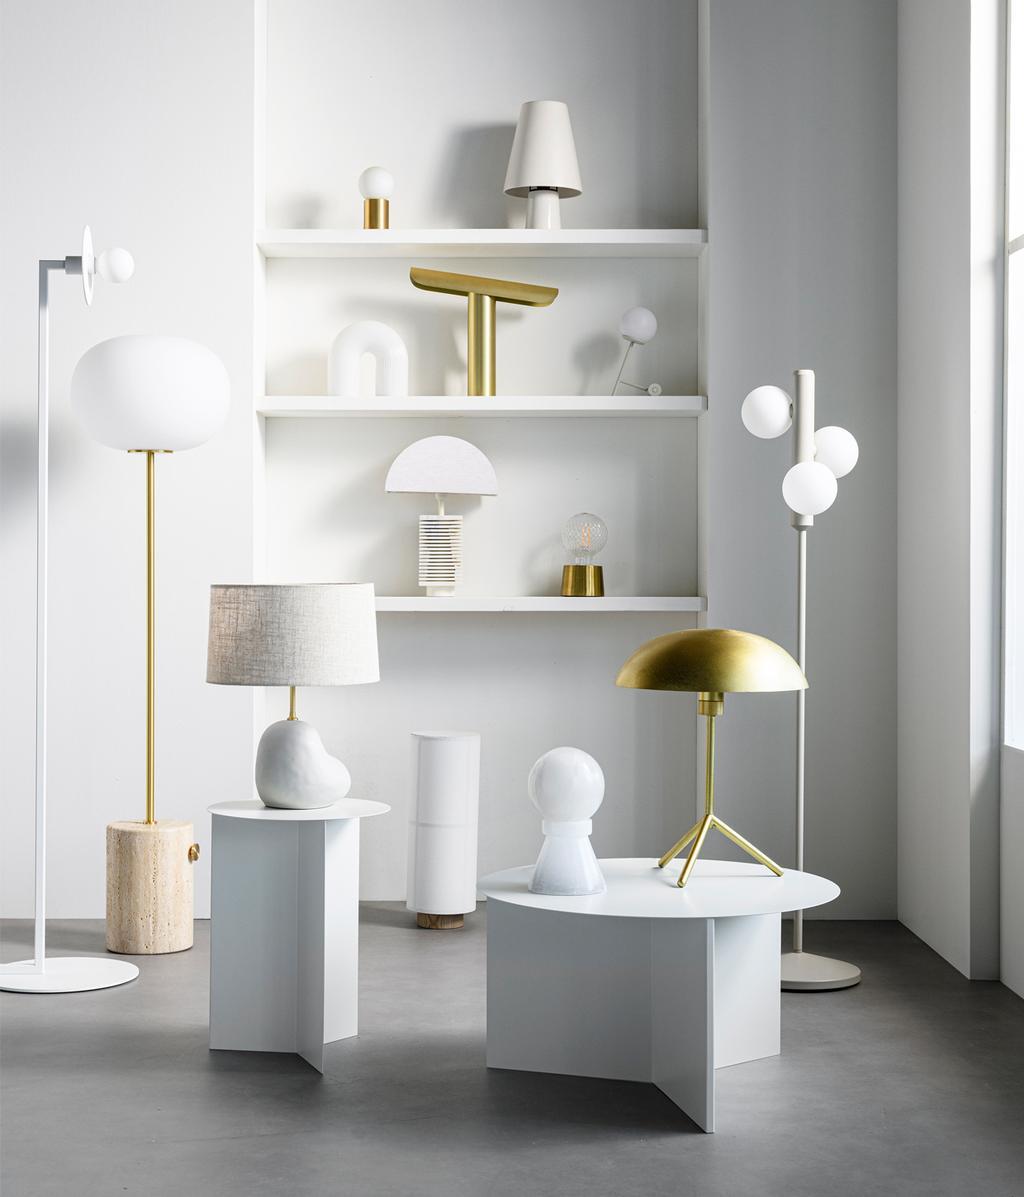 Verlichting | Lampen | Styling | vtwonen 13-2020